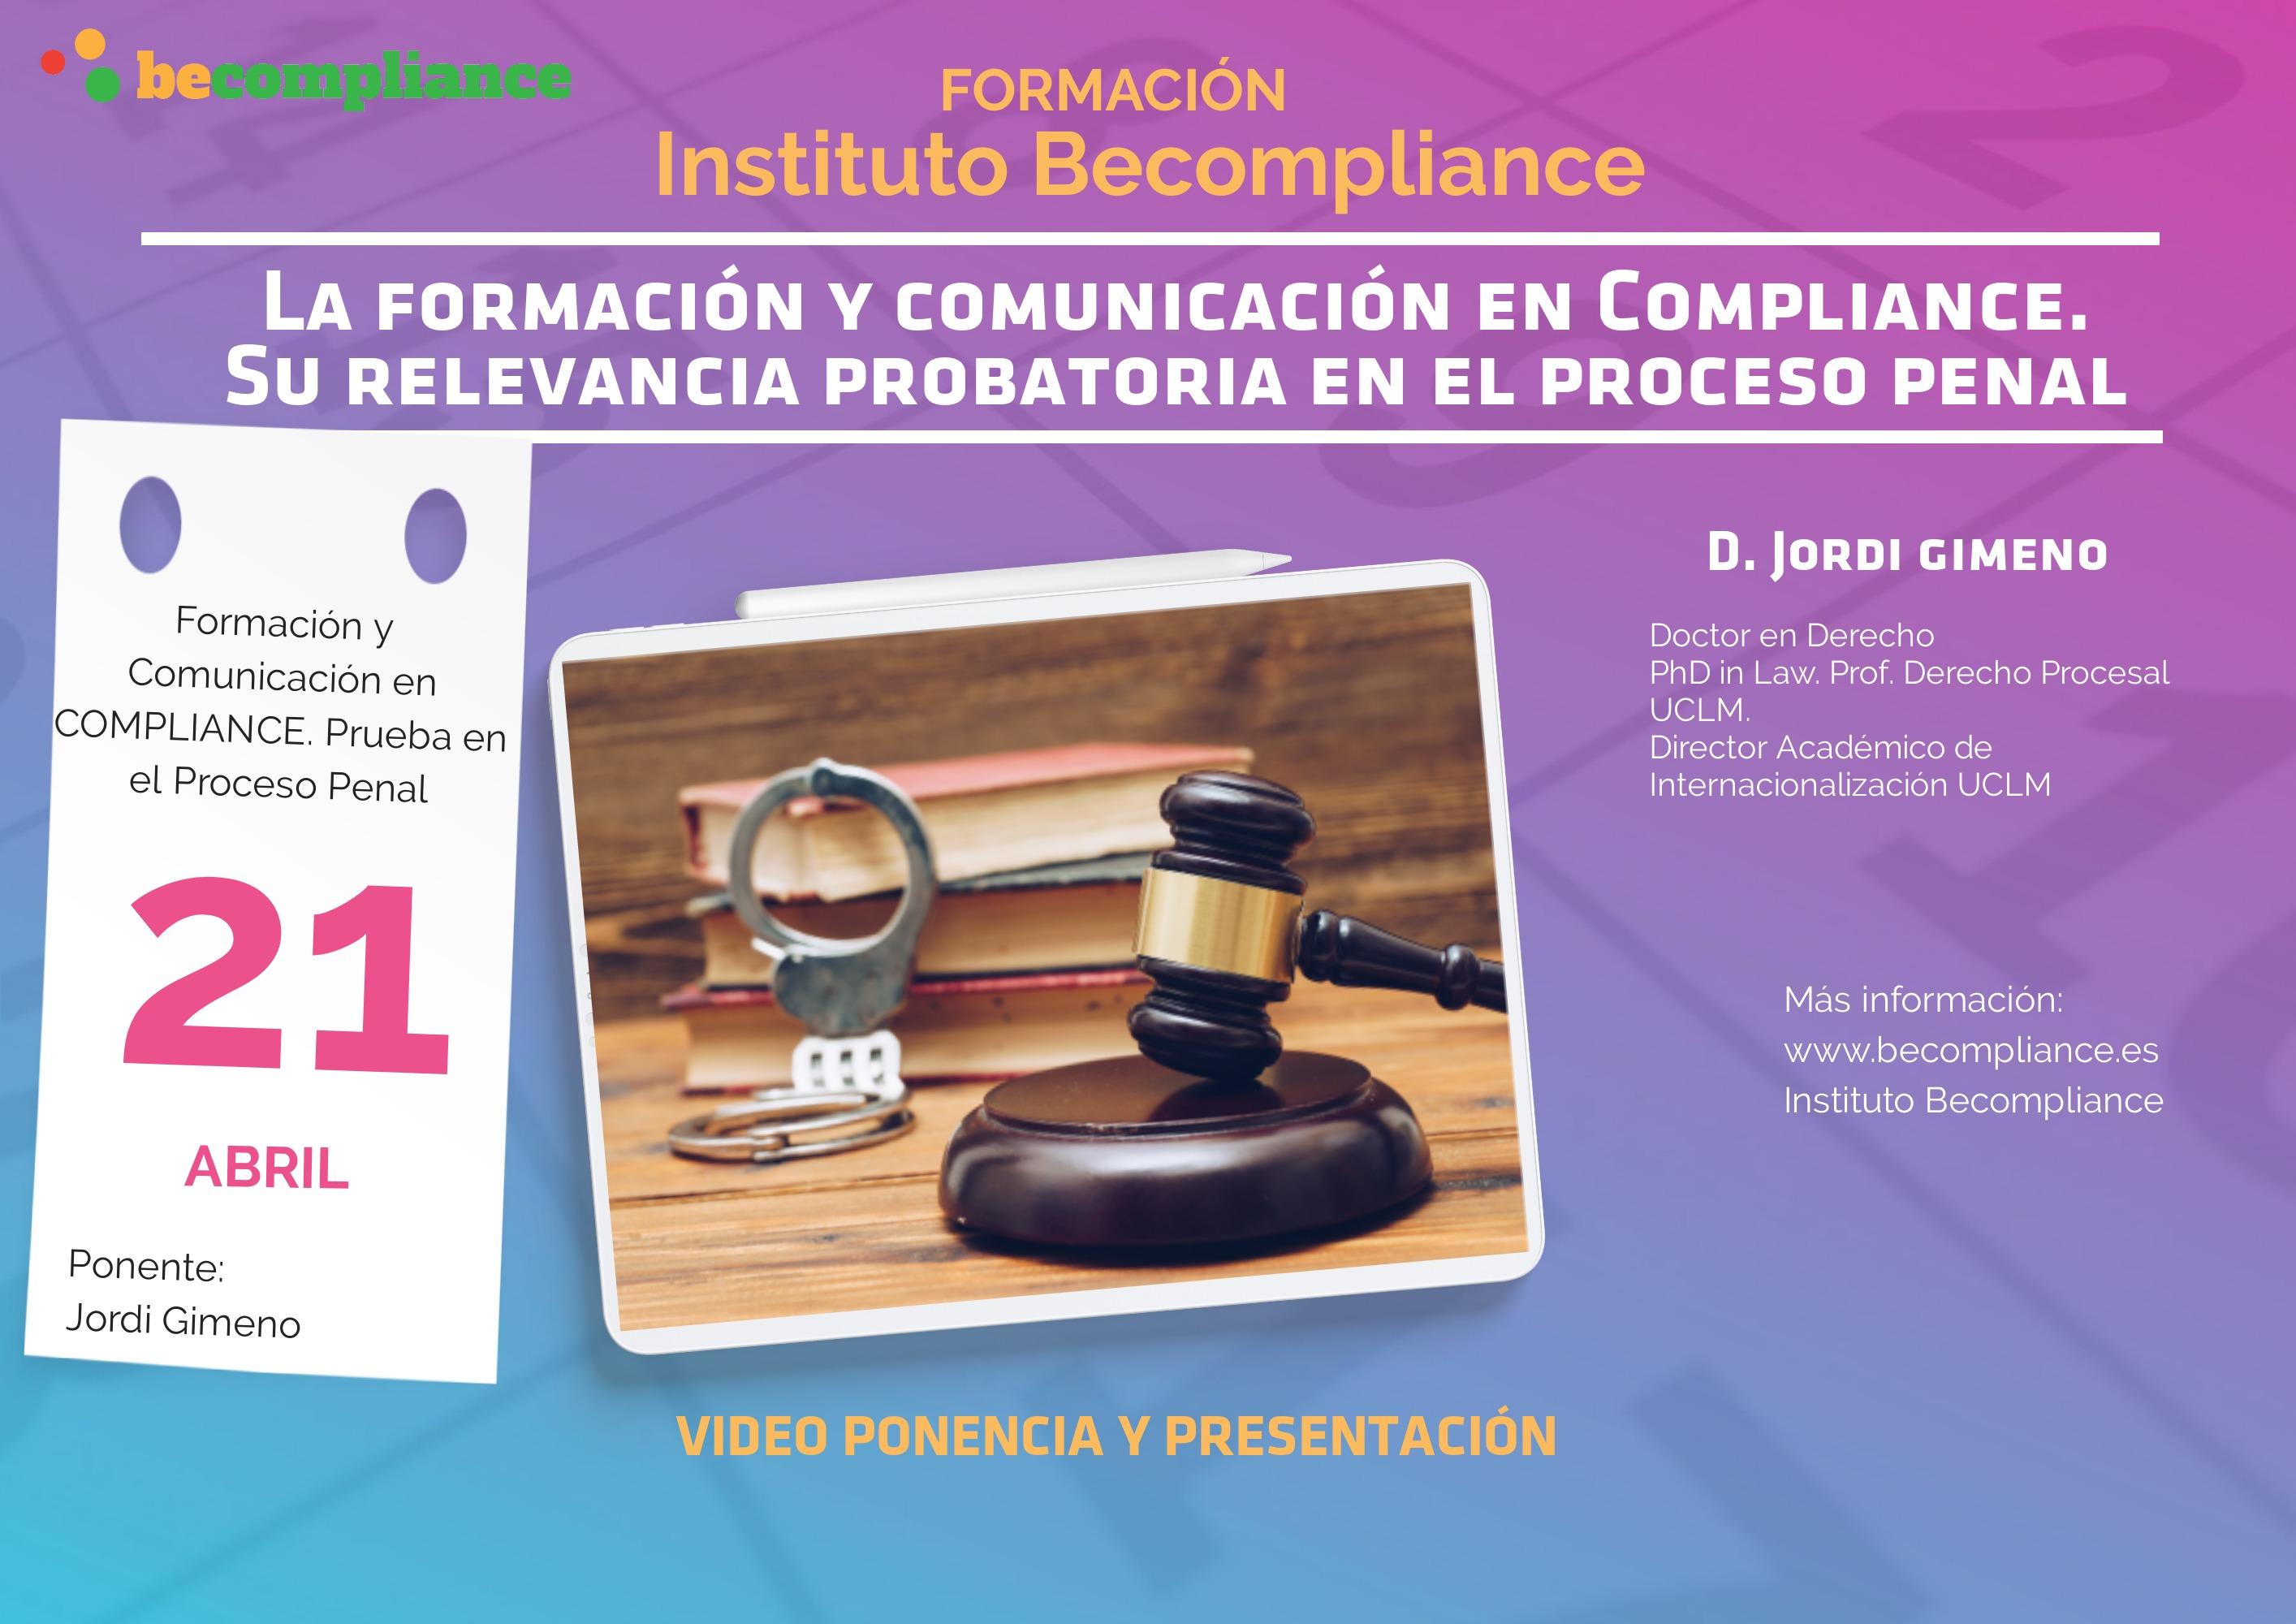 Formación y Comunicación en Compliance. Su relevancia probatoria en el proceso penal